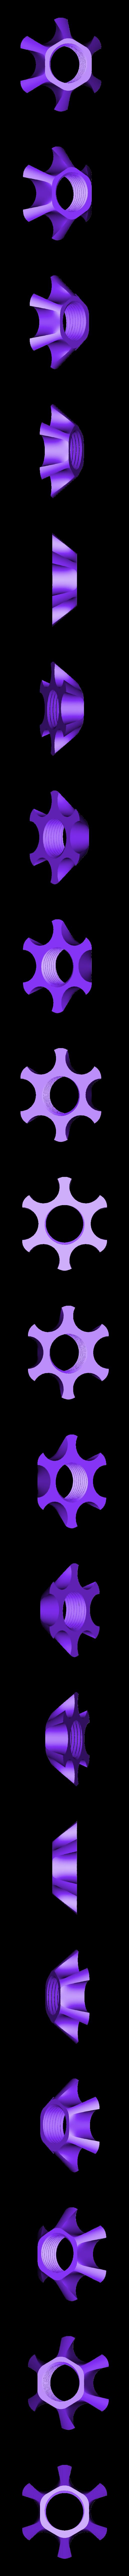 TUERCA.stl Télécharger fichier STL gratuit Soporte rollos filamento / Porte-bobine • Plan à imprimer en 3D, adrihernan107